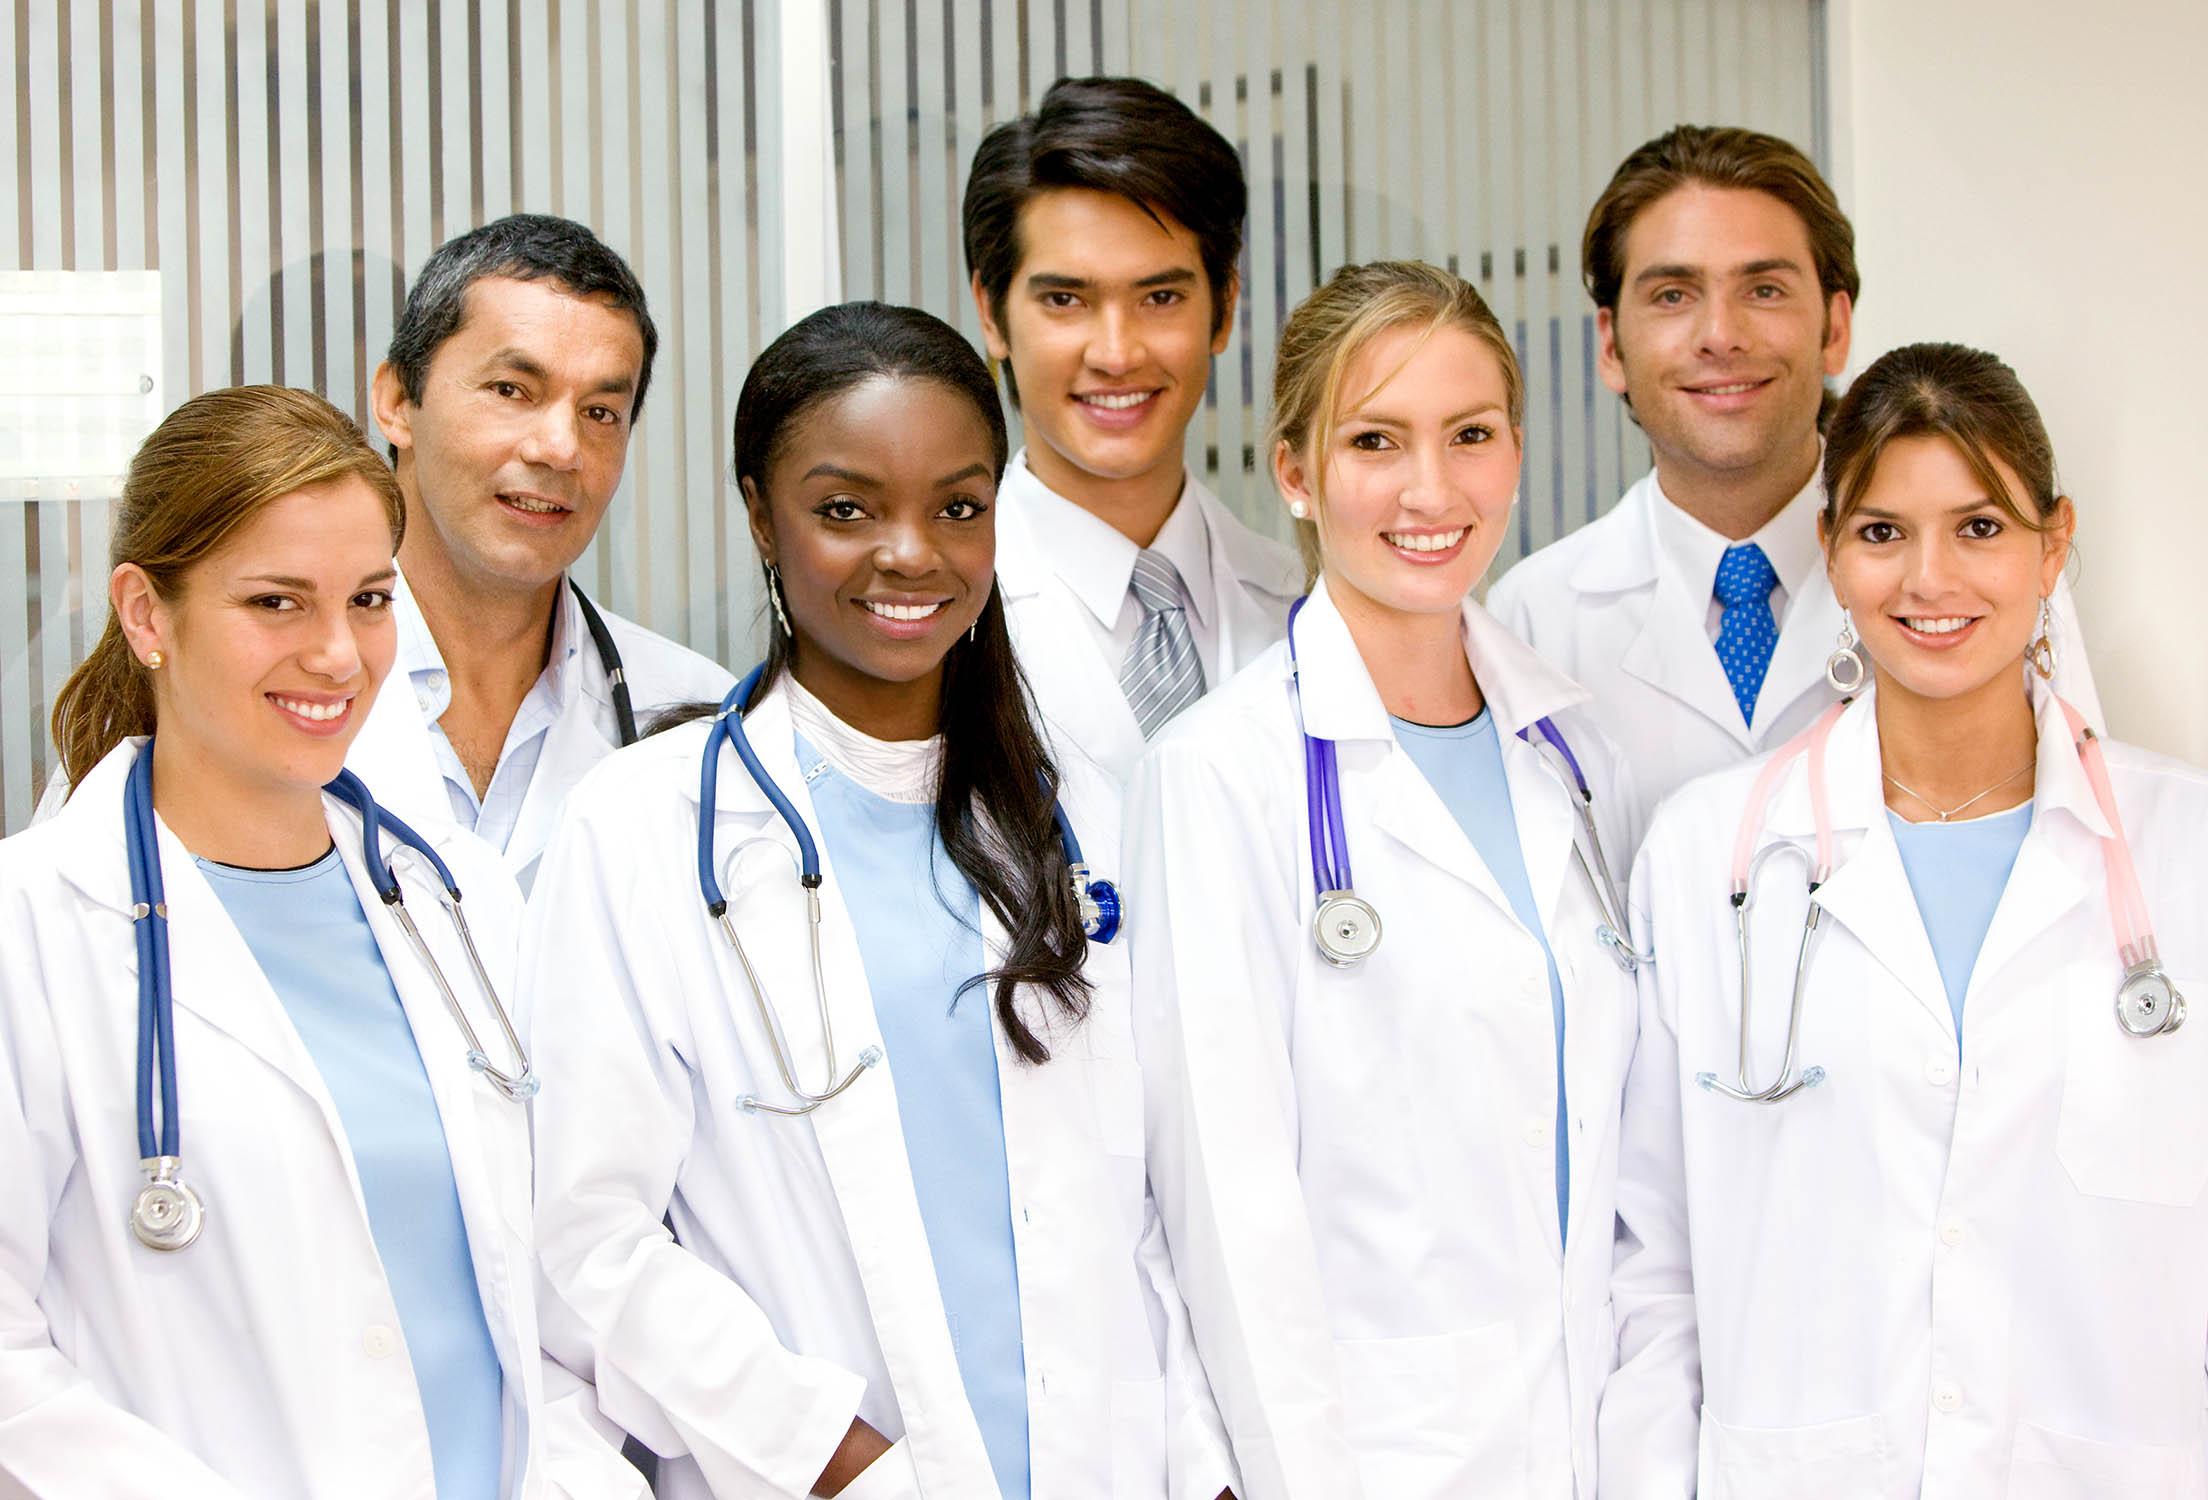 مزایای تحصیل در رشته پزشکی در گرجستان